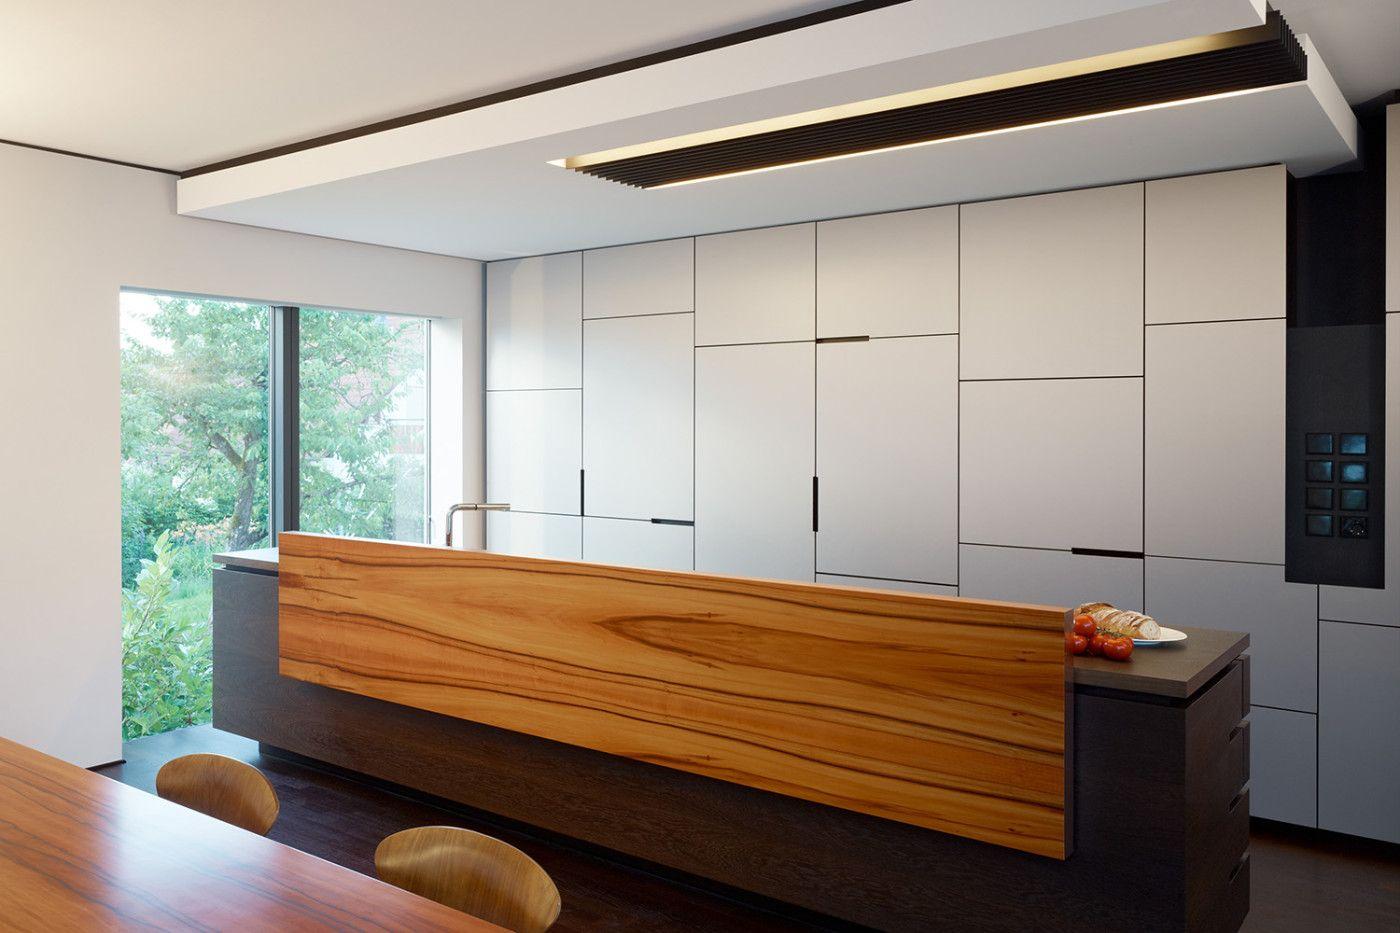 Küche Architektur brenner architekten zwei einfamilienhäuser kueche 1400x933